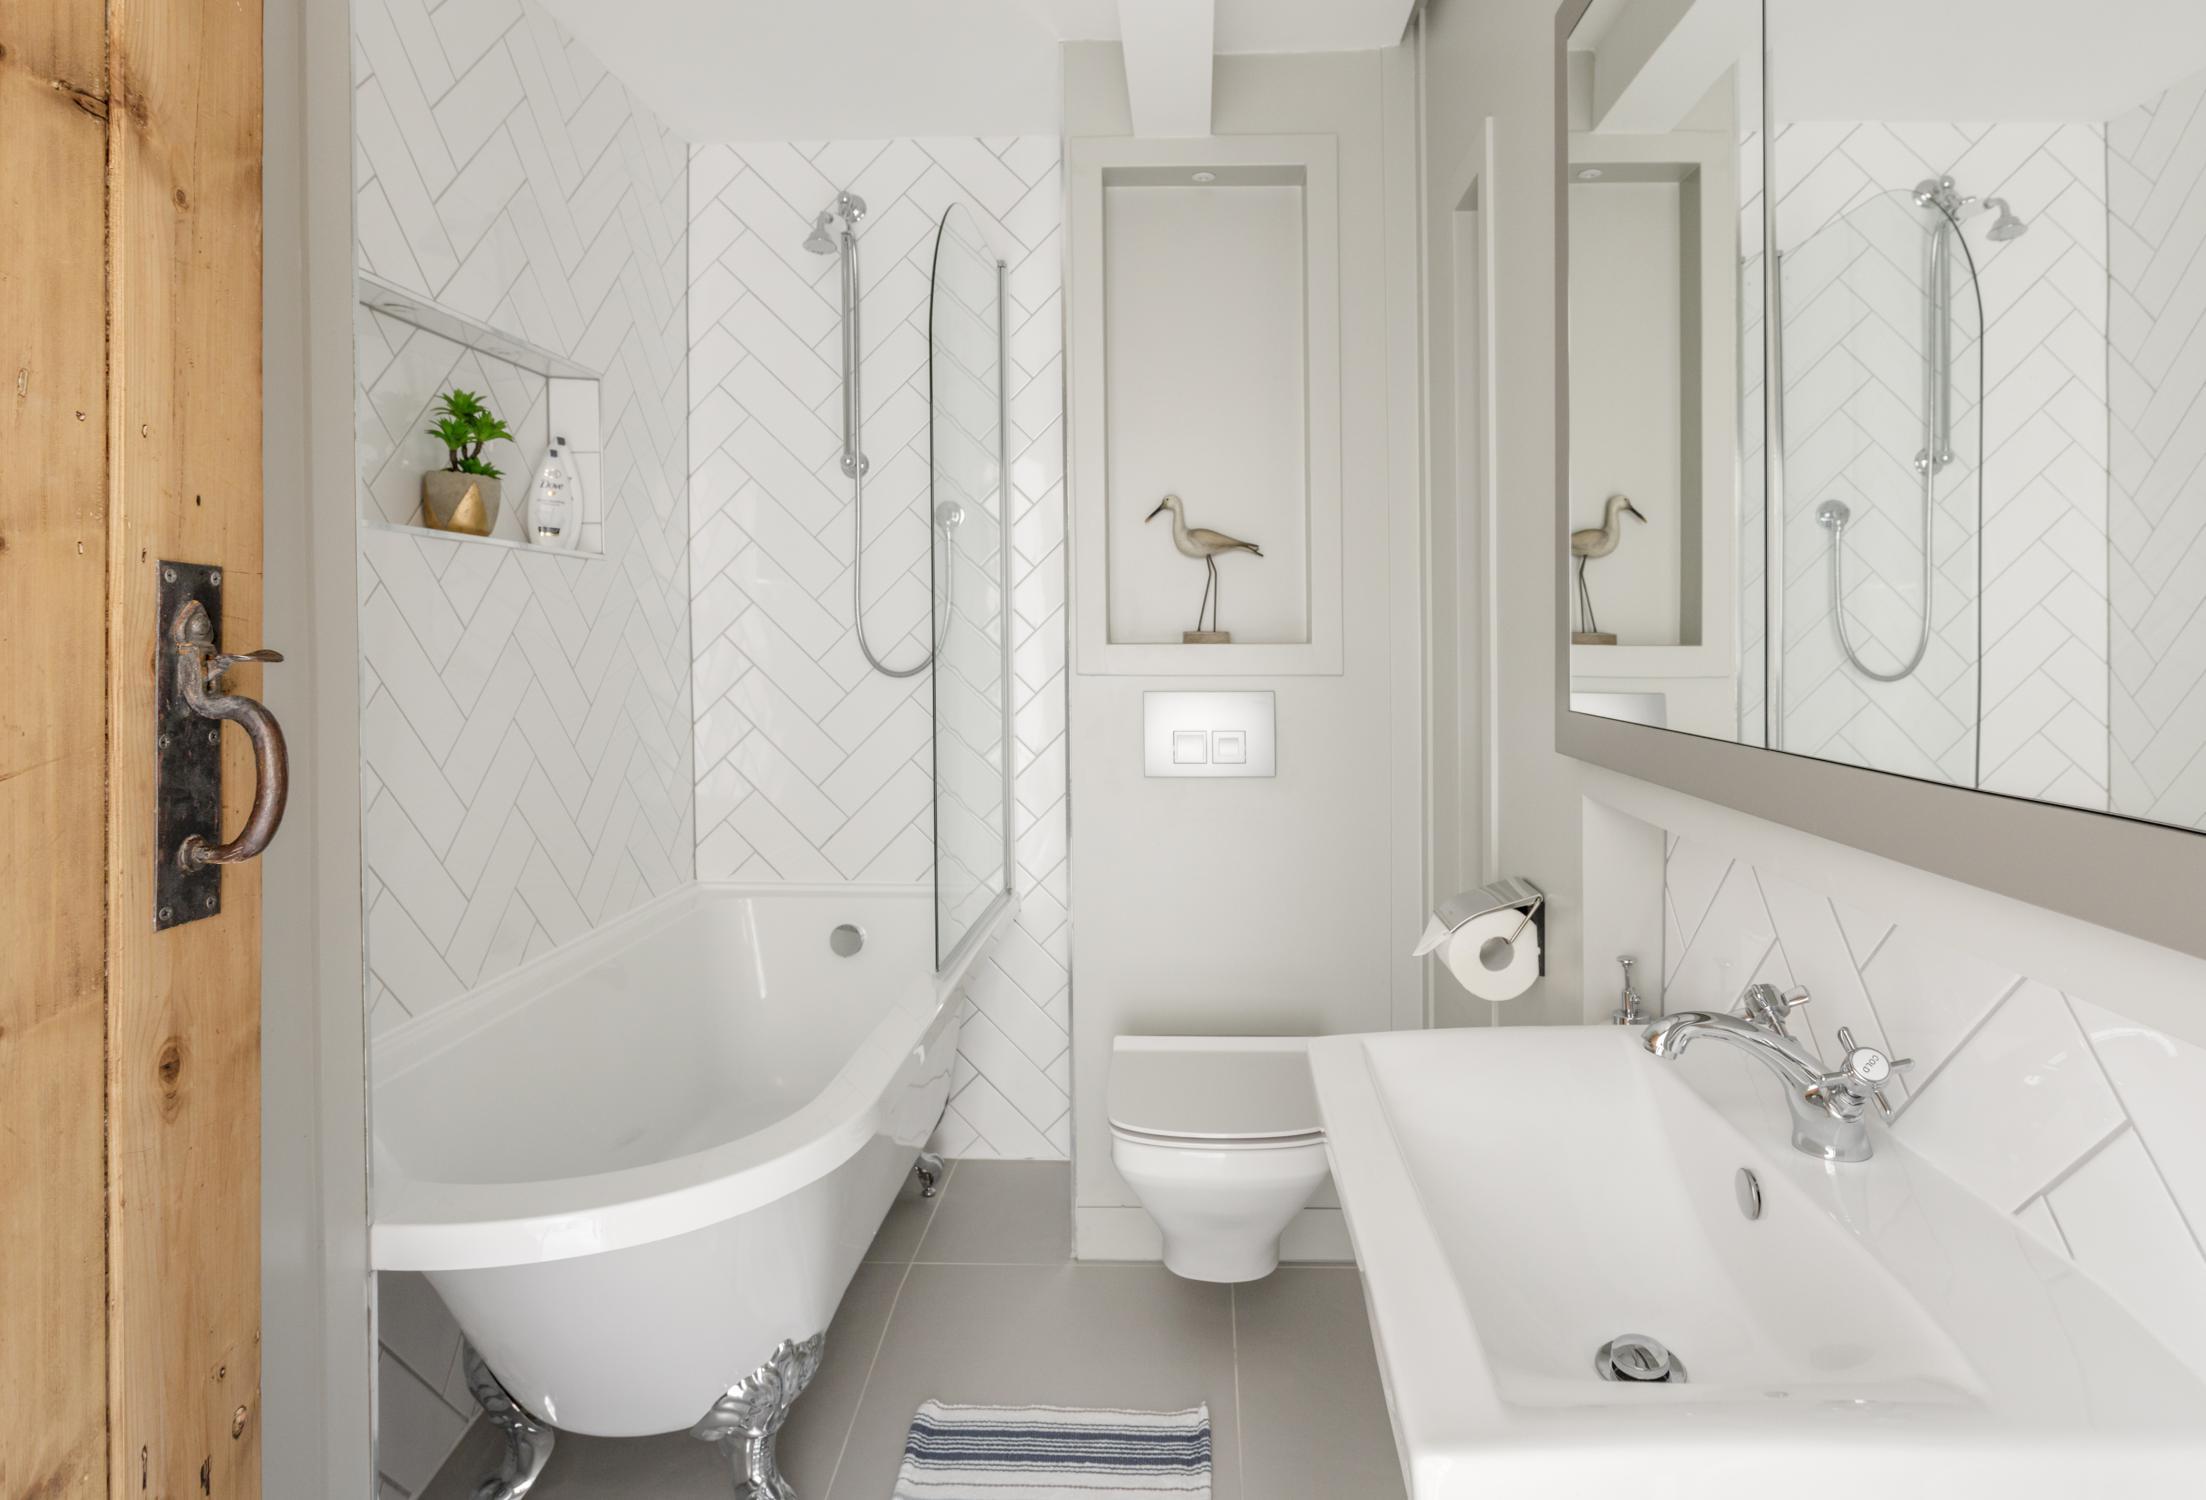 Worthing Builders-ExtraOrdinaryRooms-Arundel renovation Bedroom Luxury Bathroom.jpg